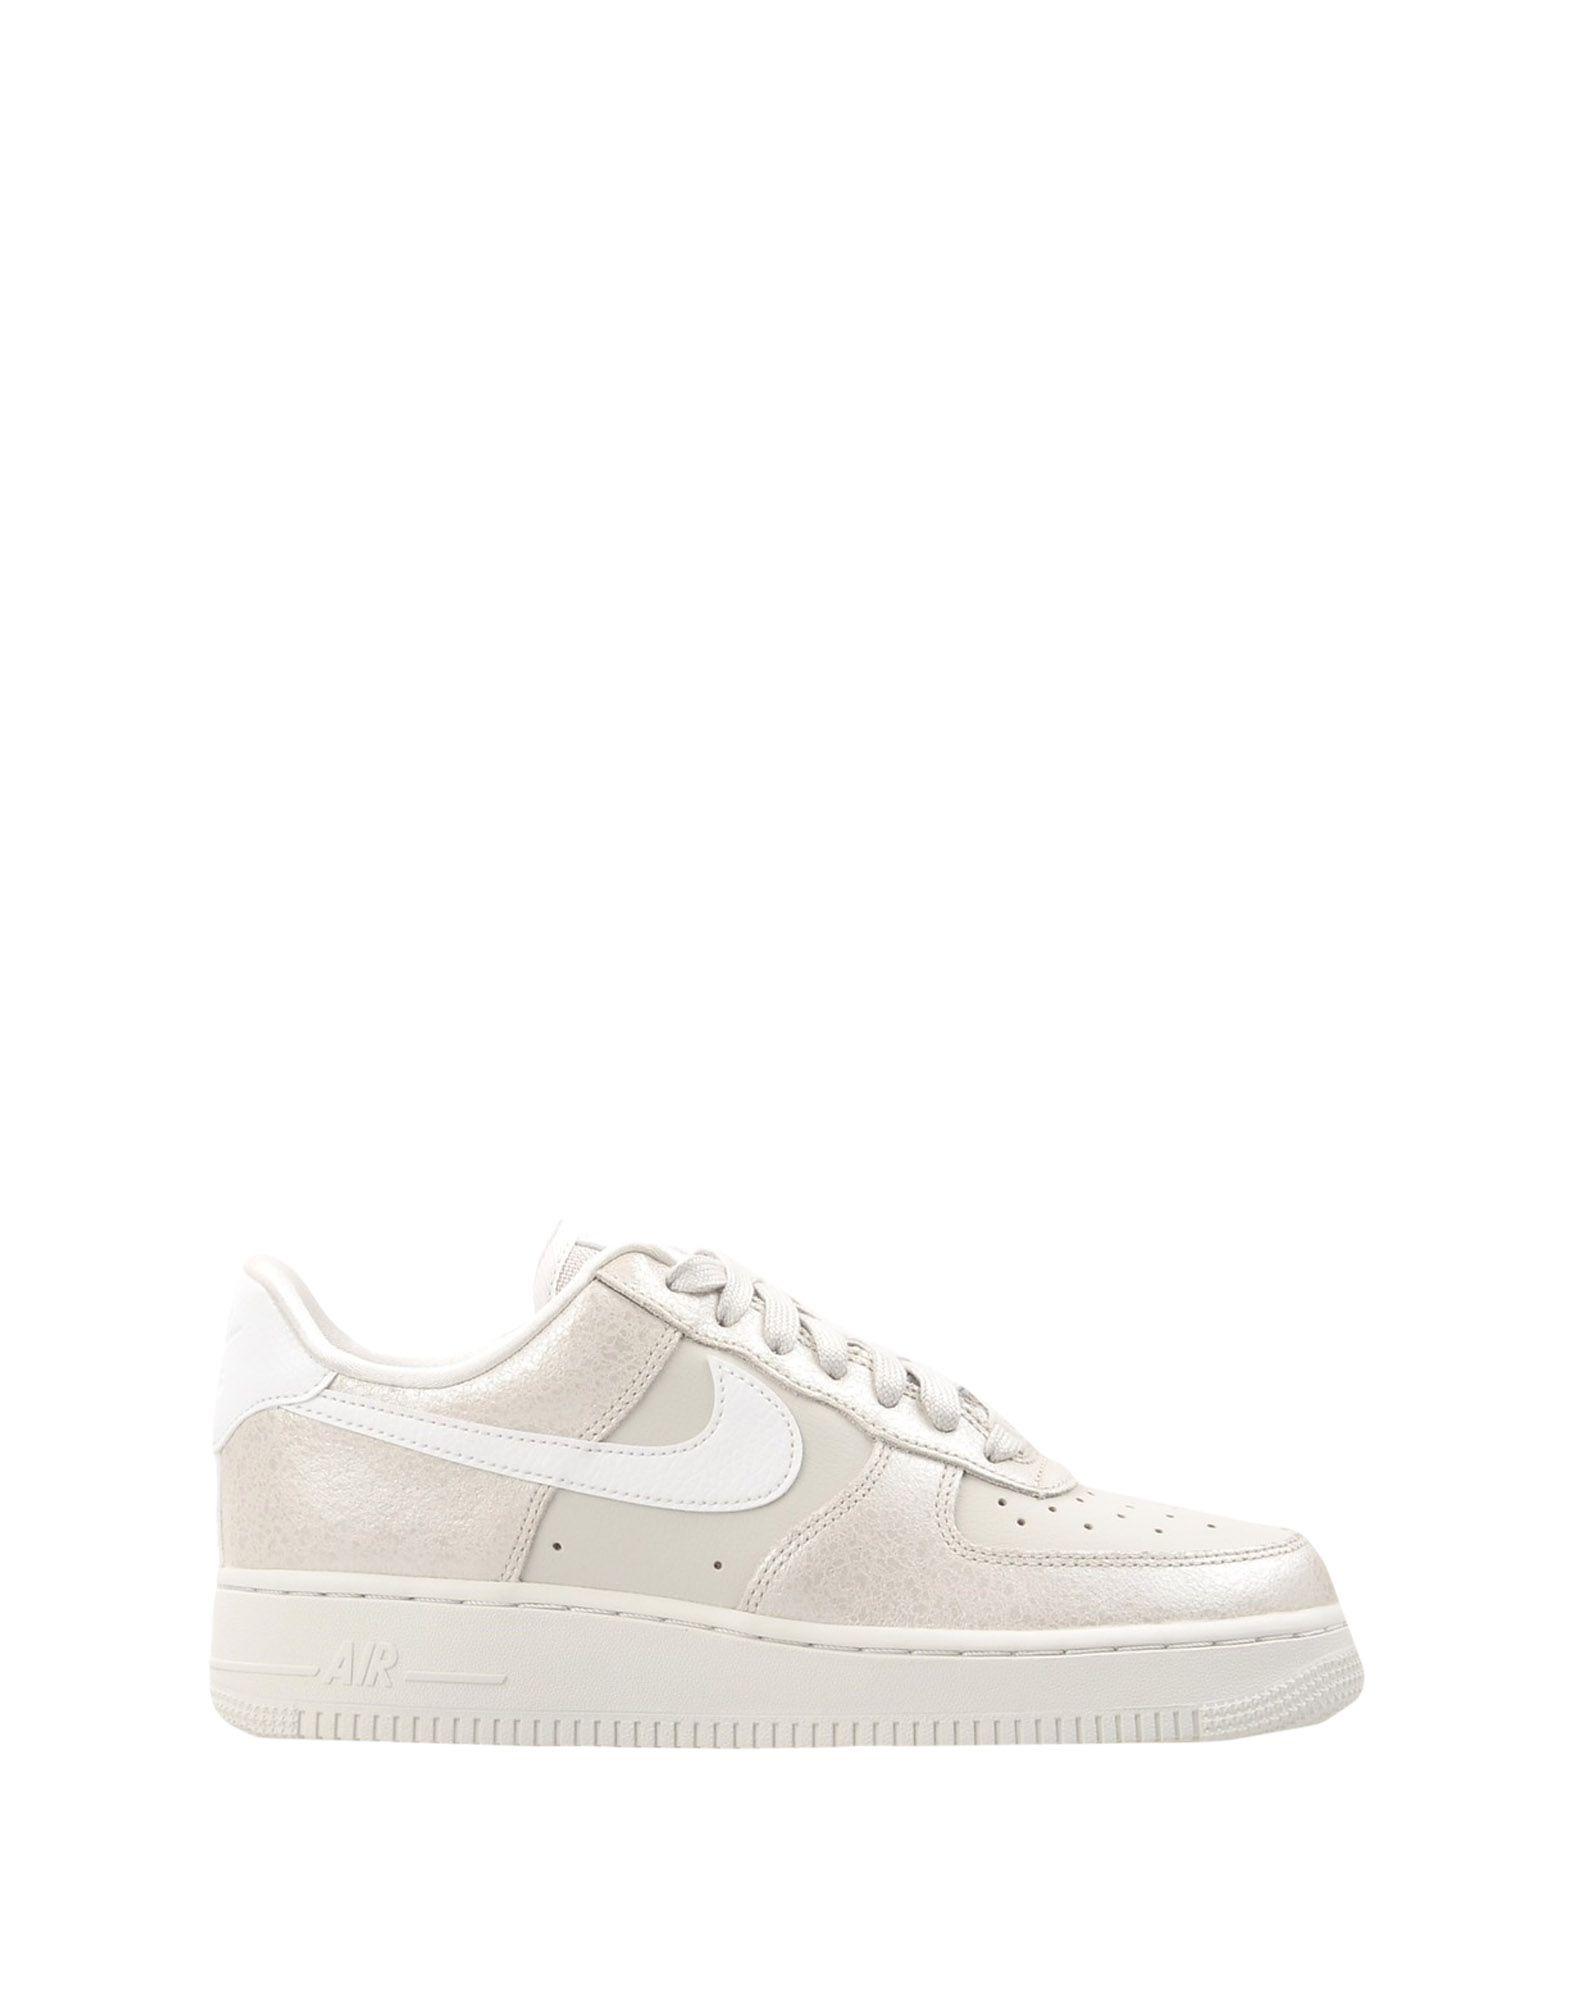 Nike Air Gute Force 1 07 Premium 11445811JX Gute Air Qualität beliebte Schuhe 8d4e3e